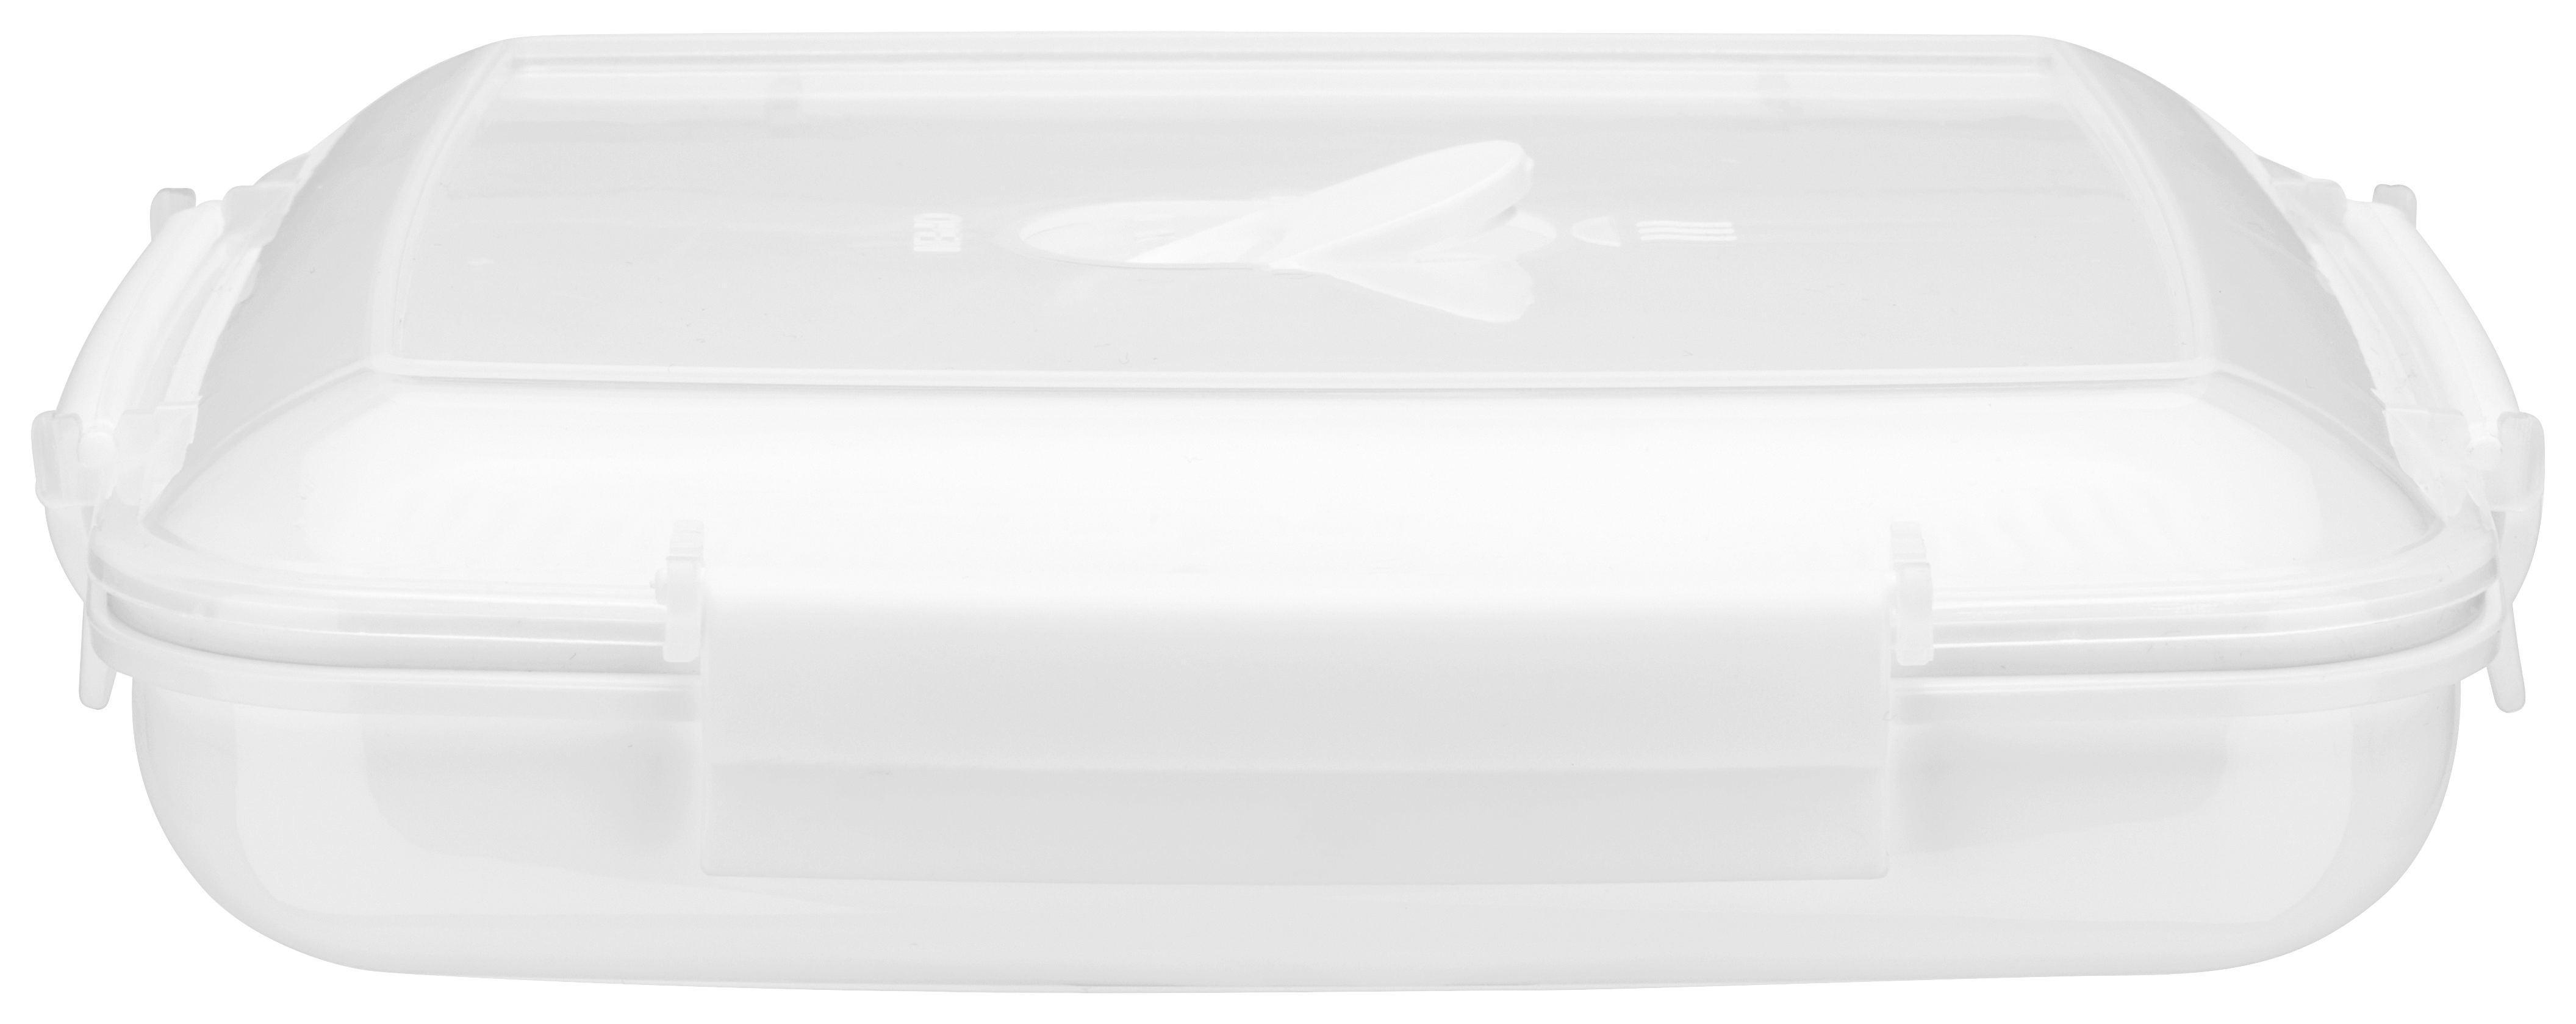 Ételtároló Doboz Mikka - áttetsző/fehér, műanyag (0,88l) - MÖMAX modern living